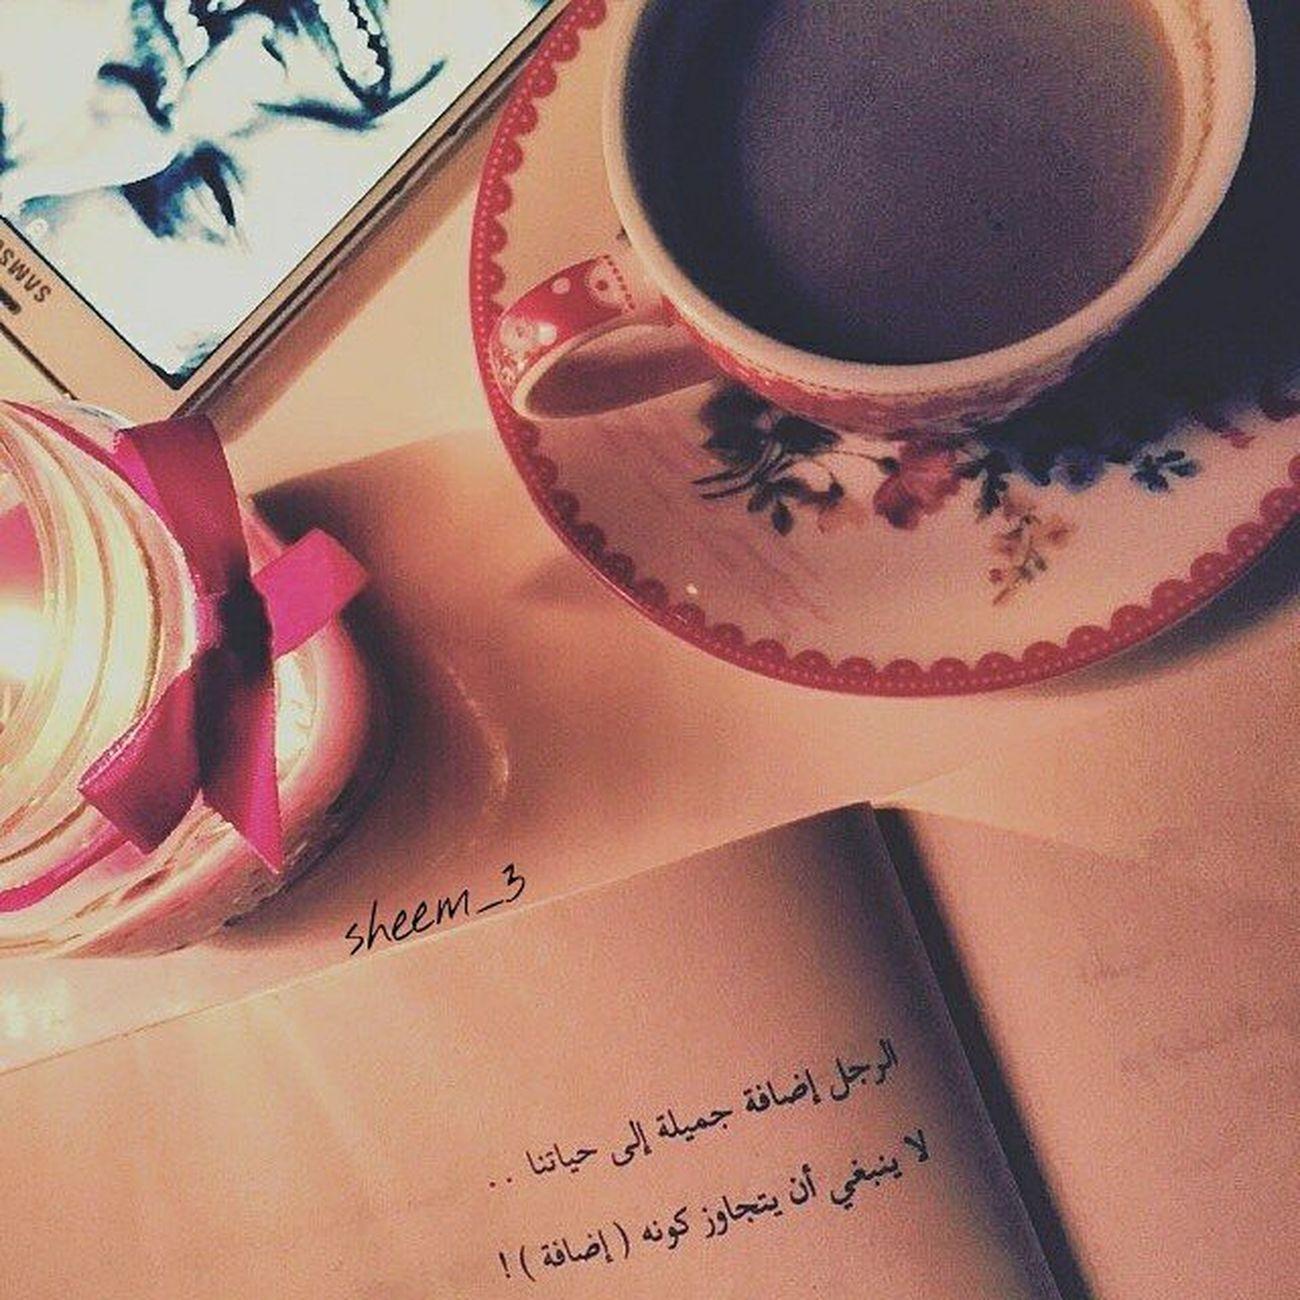 في_كل_قلب_مقبرة_أمة_اقرأ في_كل_قلب_مقبرة